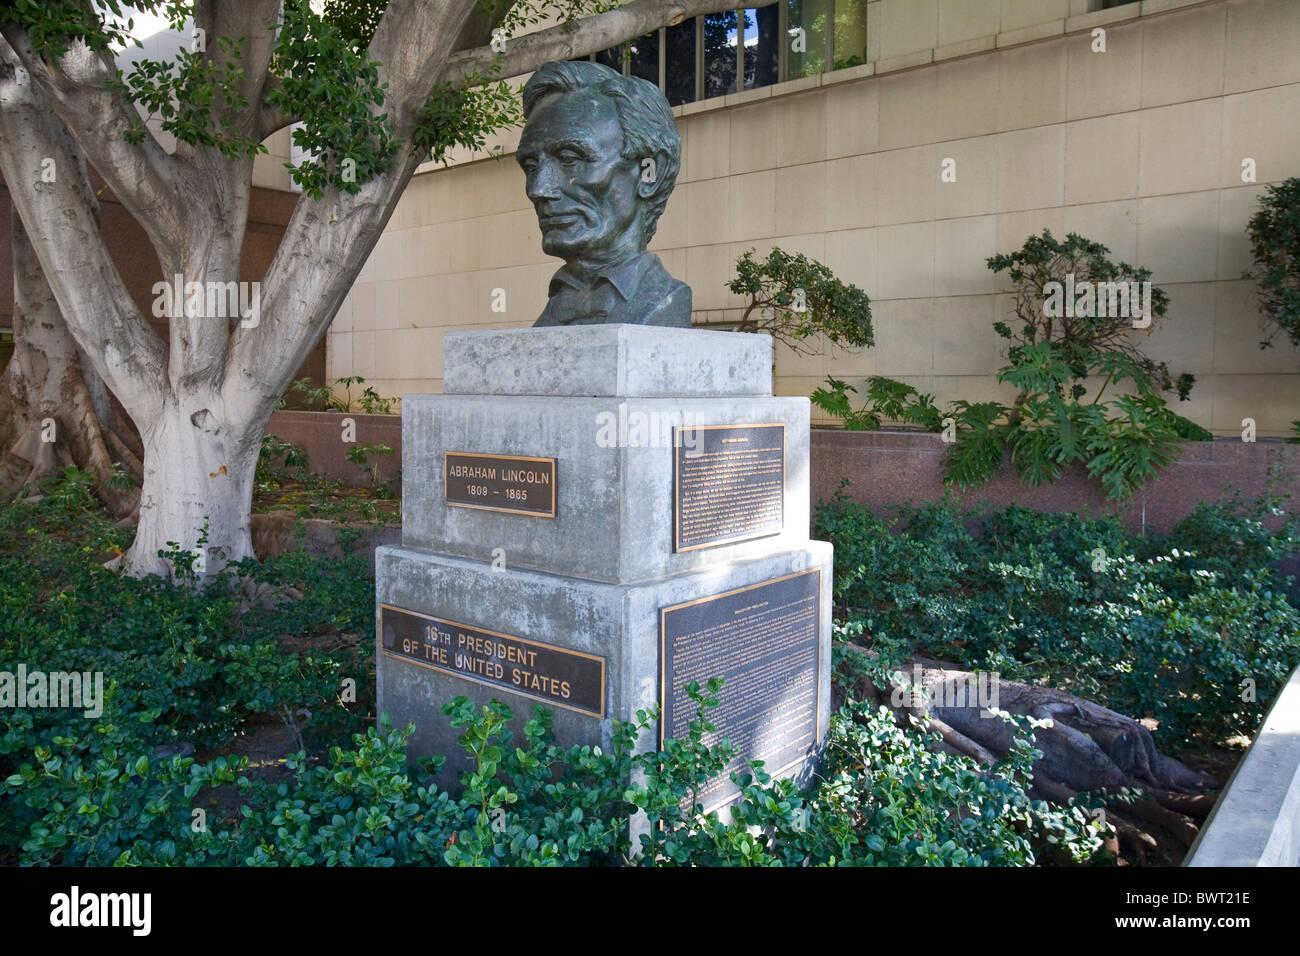 Abraham Lincoln scultura, 1961, da Robert Merrill Gage, Grand Avenue, il centro cittadino di Los Angeles, California, Immagini Stock